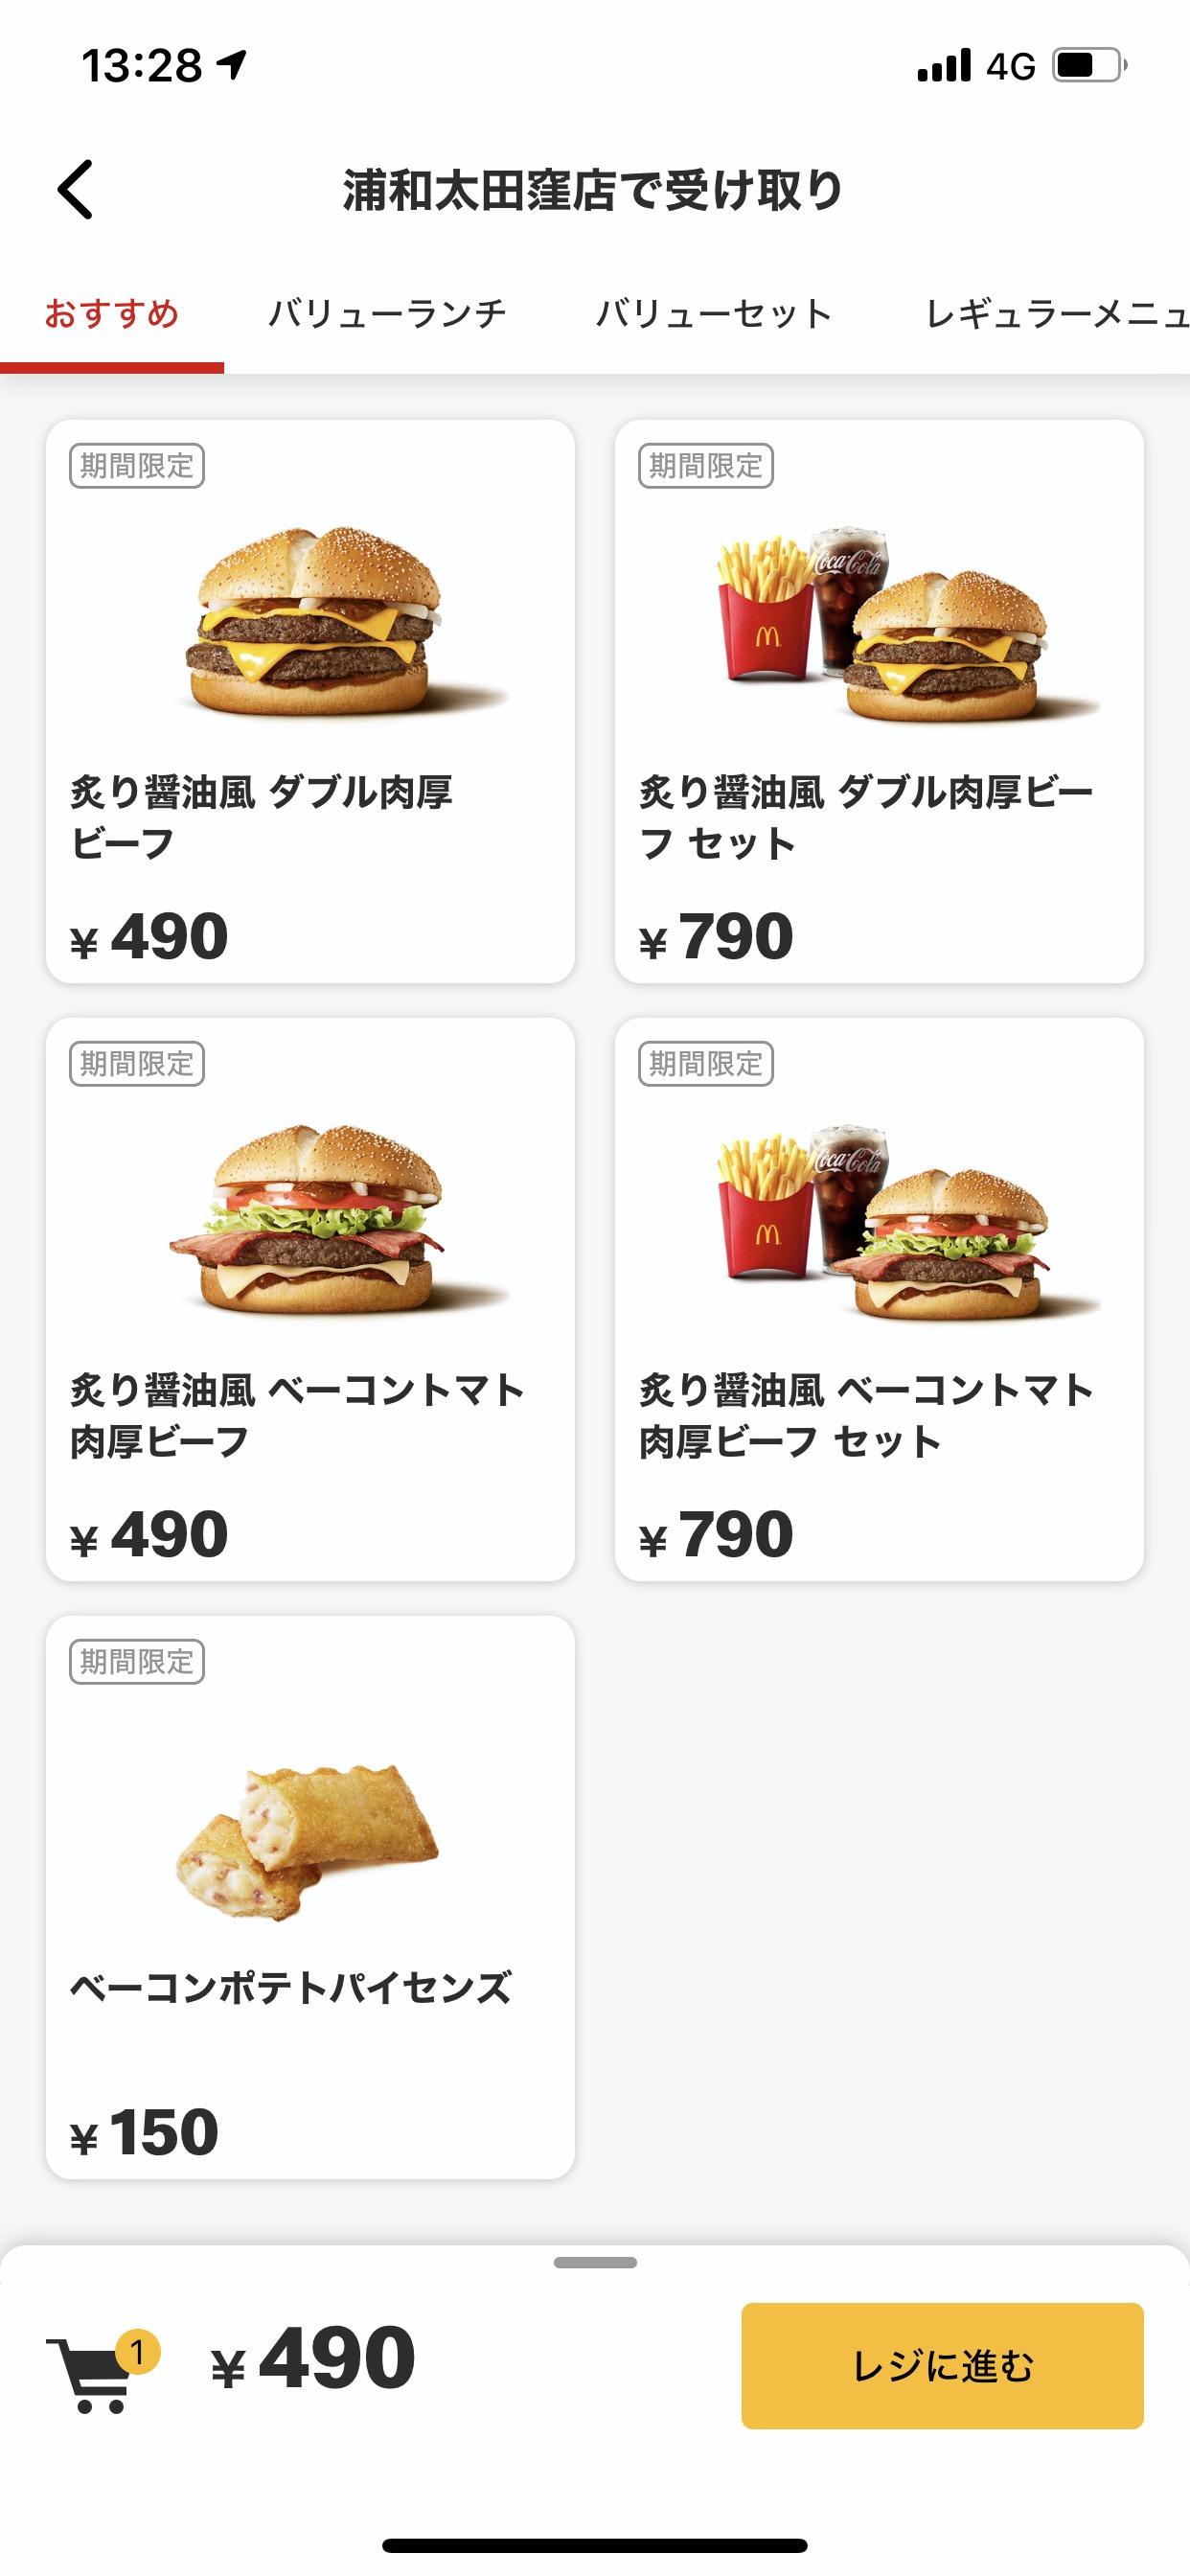 【マクドナルド】公式アプリ モバイルオーダー 5